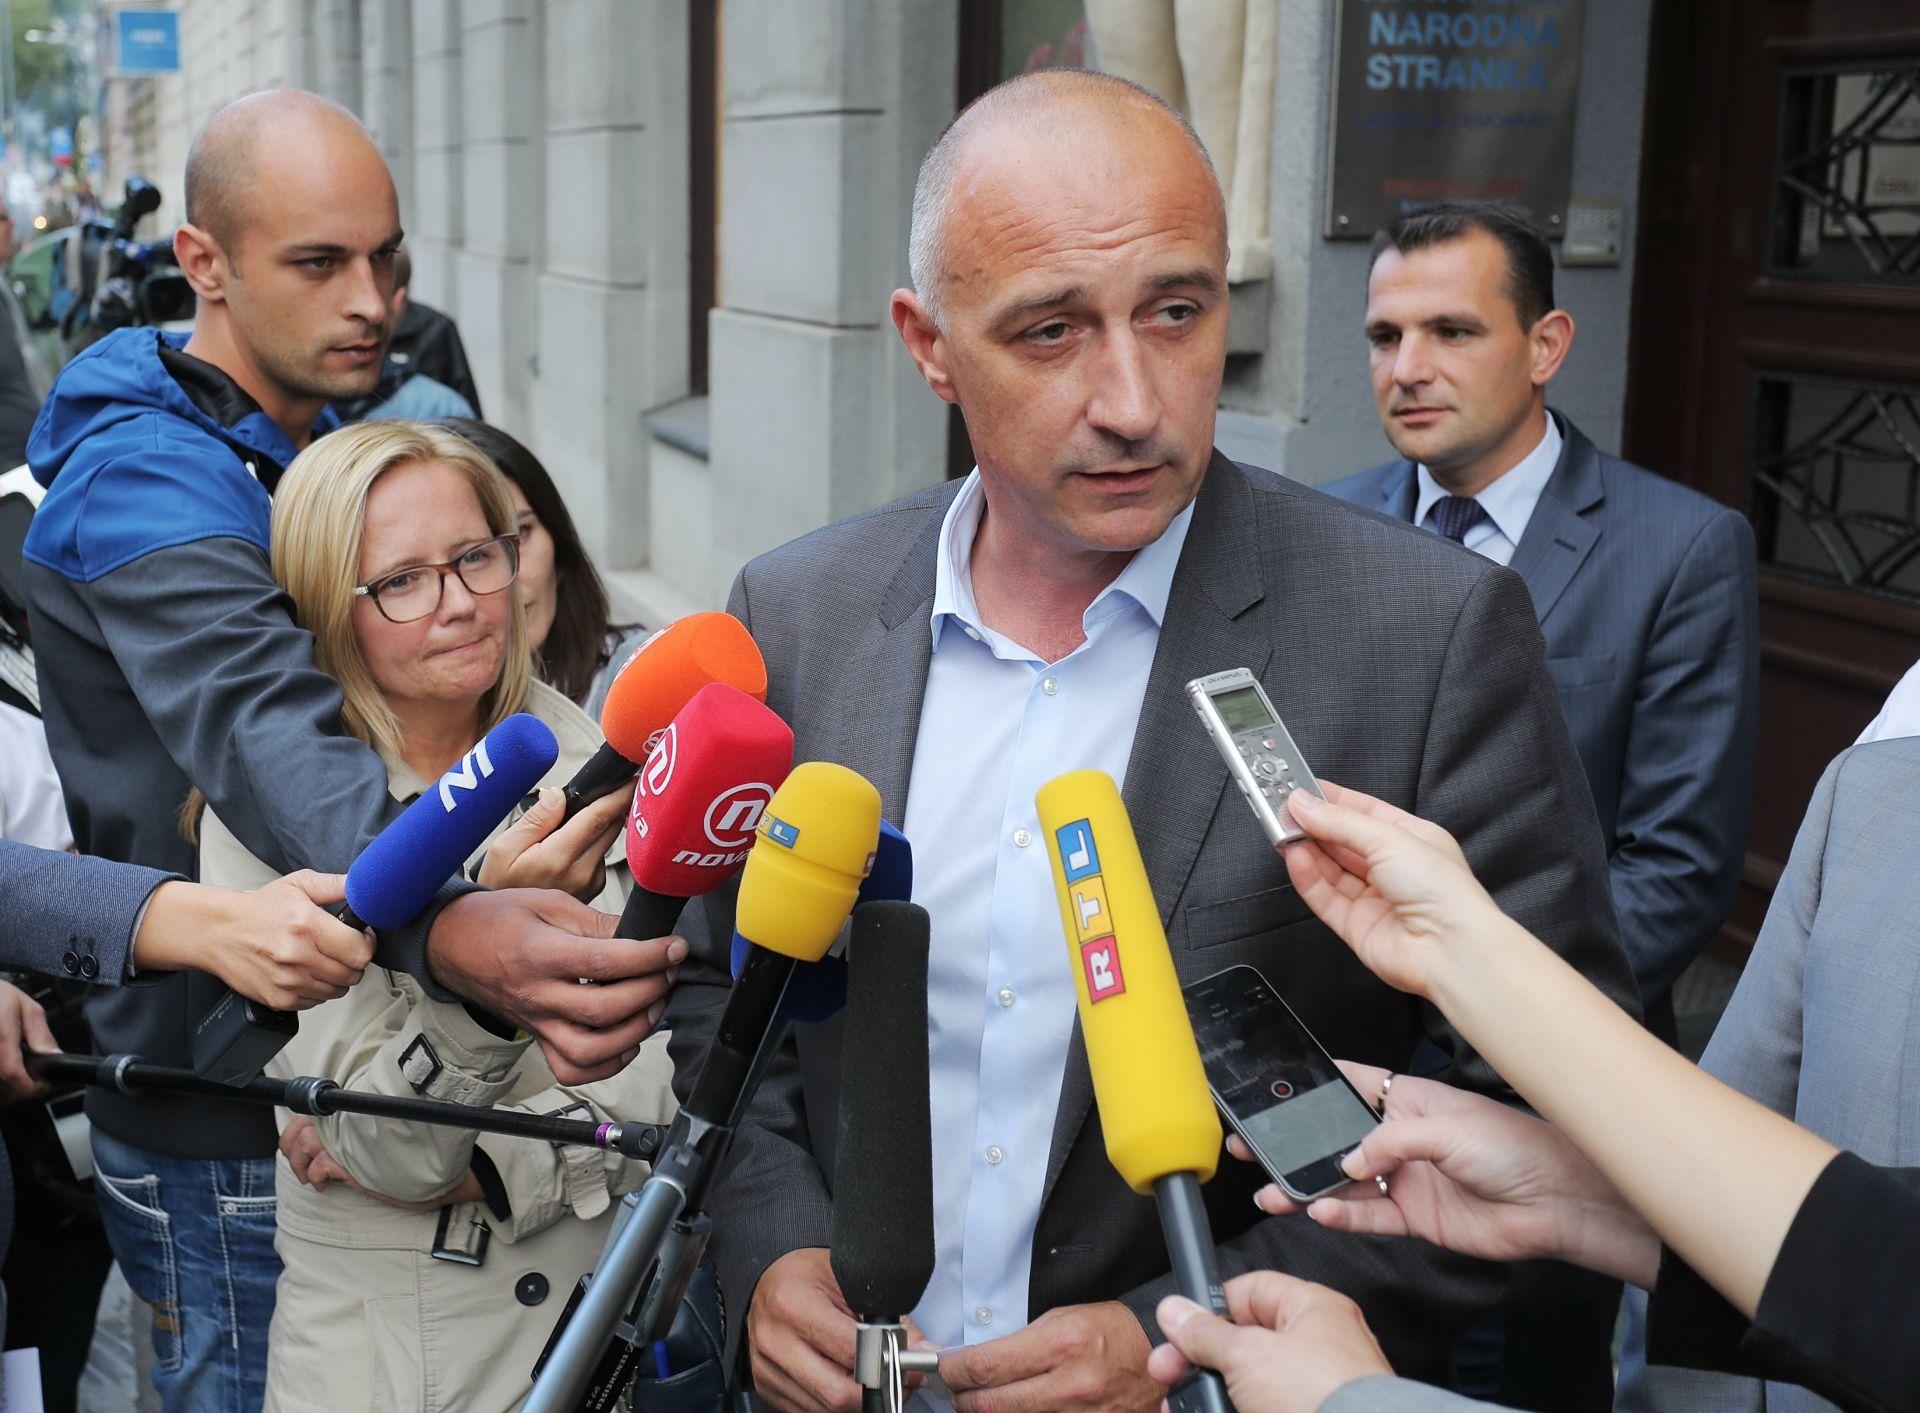 HNS napustila trećina sisačkog članstva; nezadovoljni i udaljavanjem od SDP-a